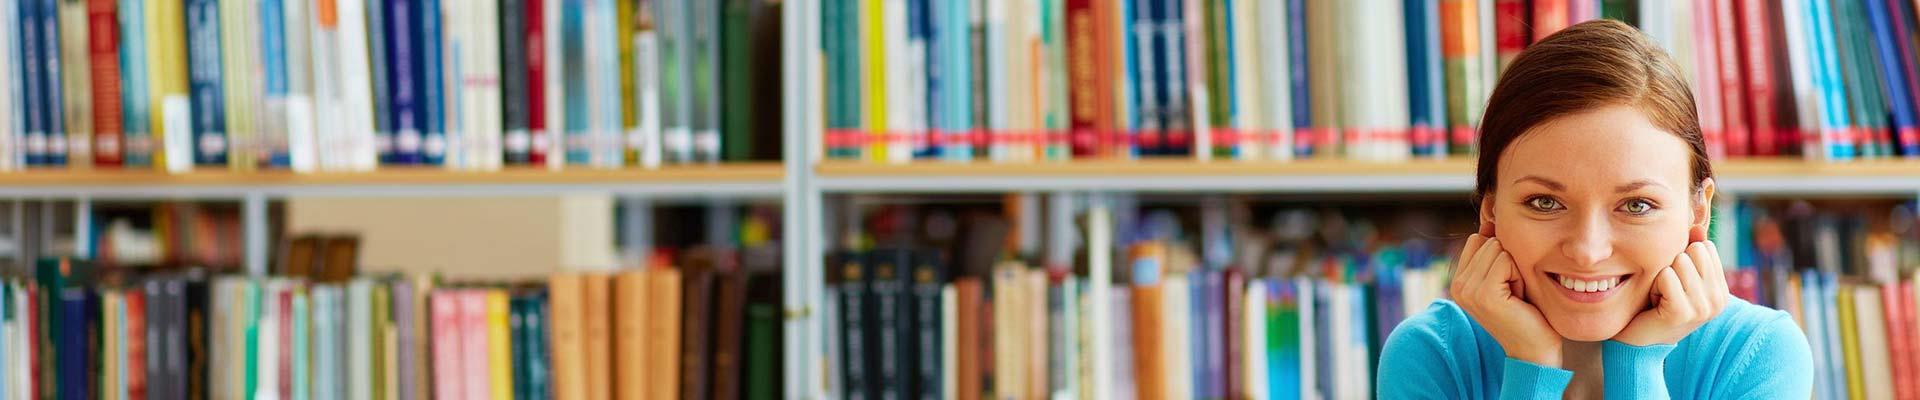 Κέντρο Δια Βίου Μάθησης Μεσόγεια Εκπαιδευτική